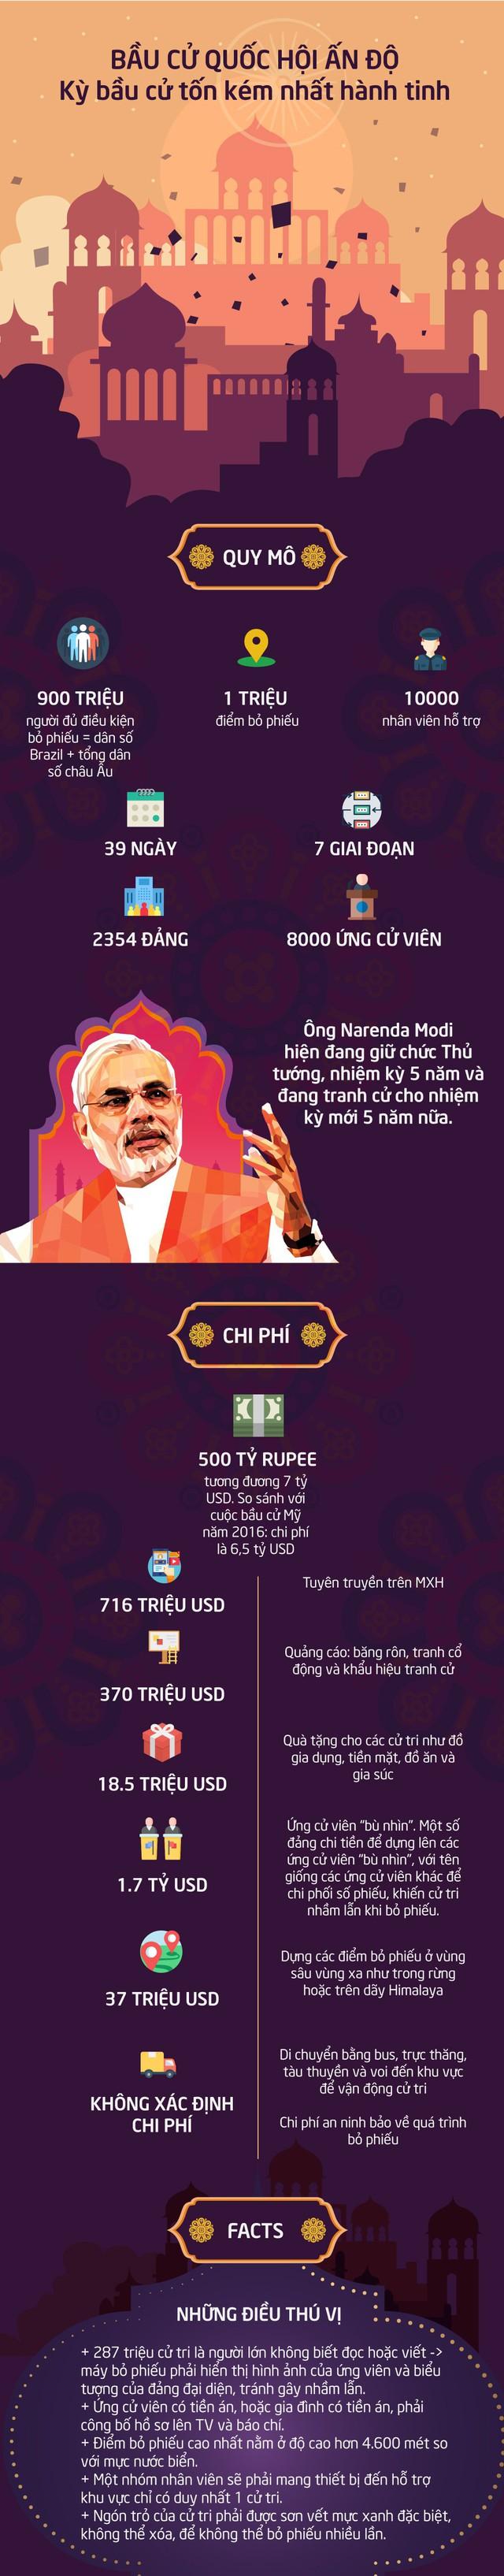 [INFOGRAPHIC] Bầu cử Quốc hội Ấn Độ: Kỳ bầu cử tốn kém nhất hành tinh - Ảnh 1.